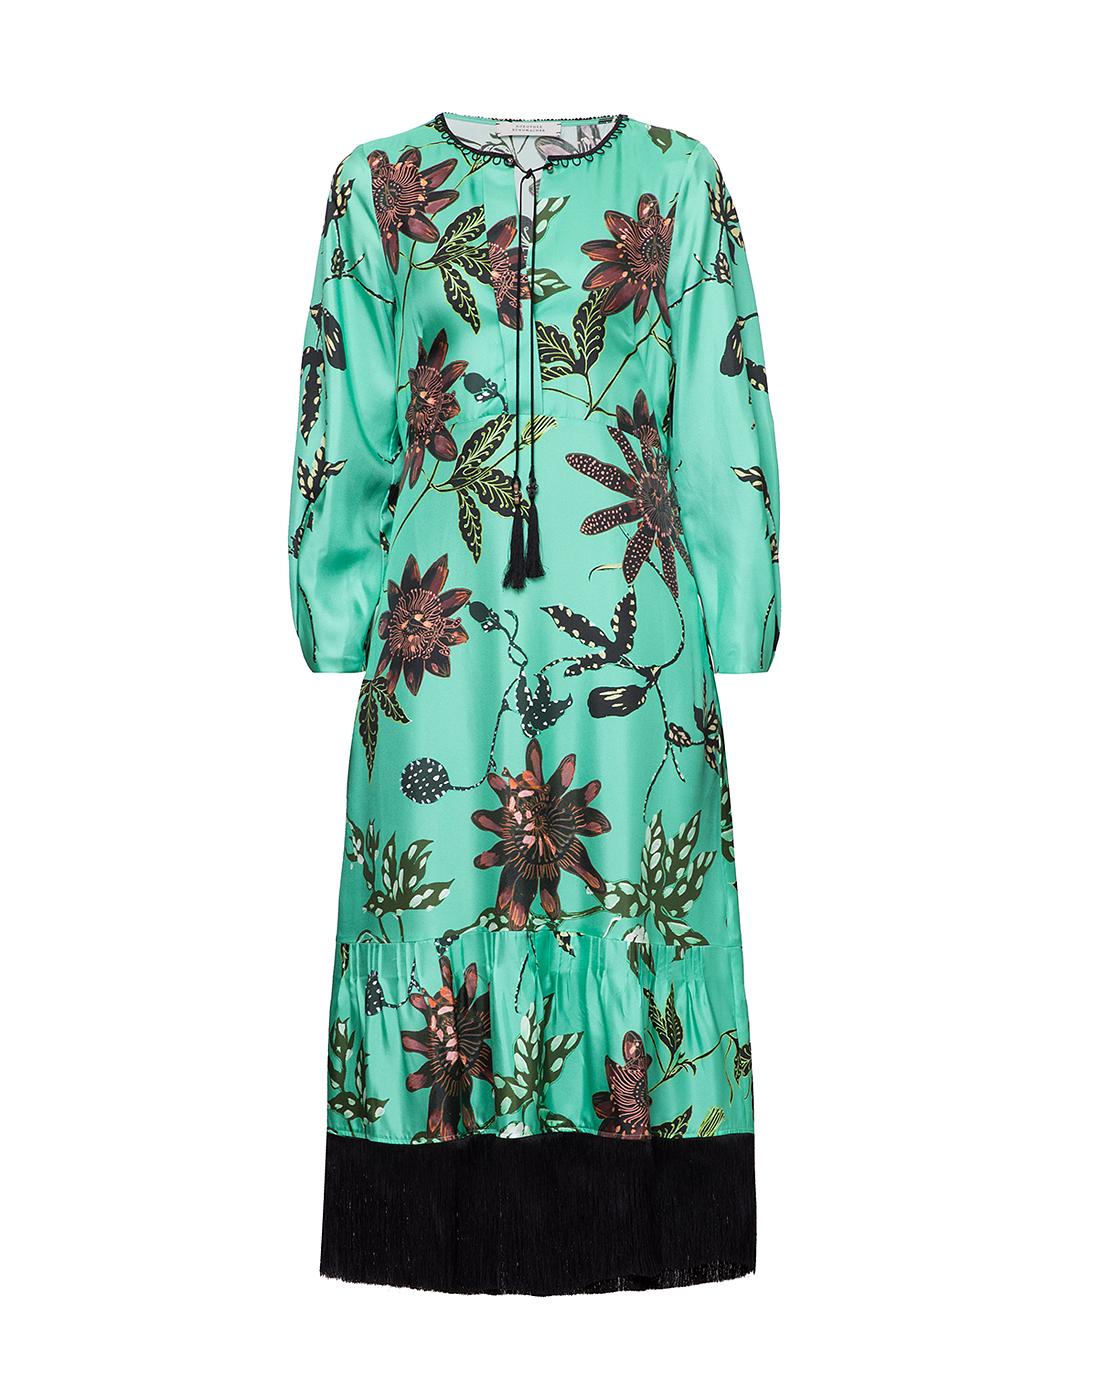 Женское шелковое платье с узором Dorothee Schumacher S749602/059-1